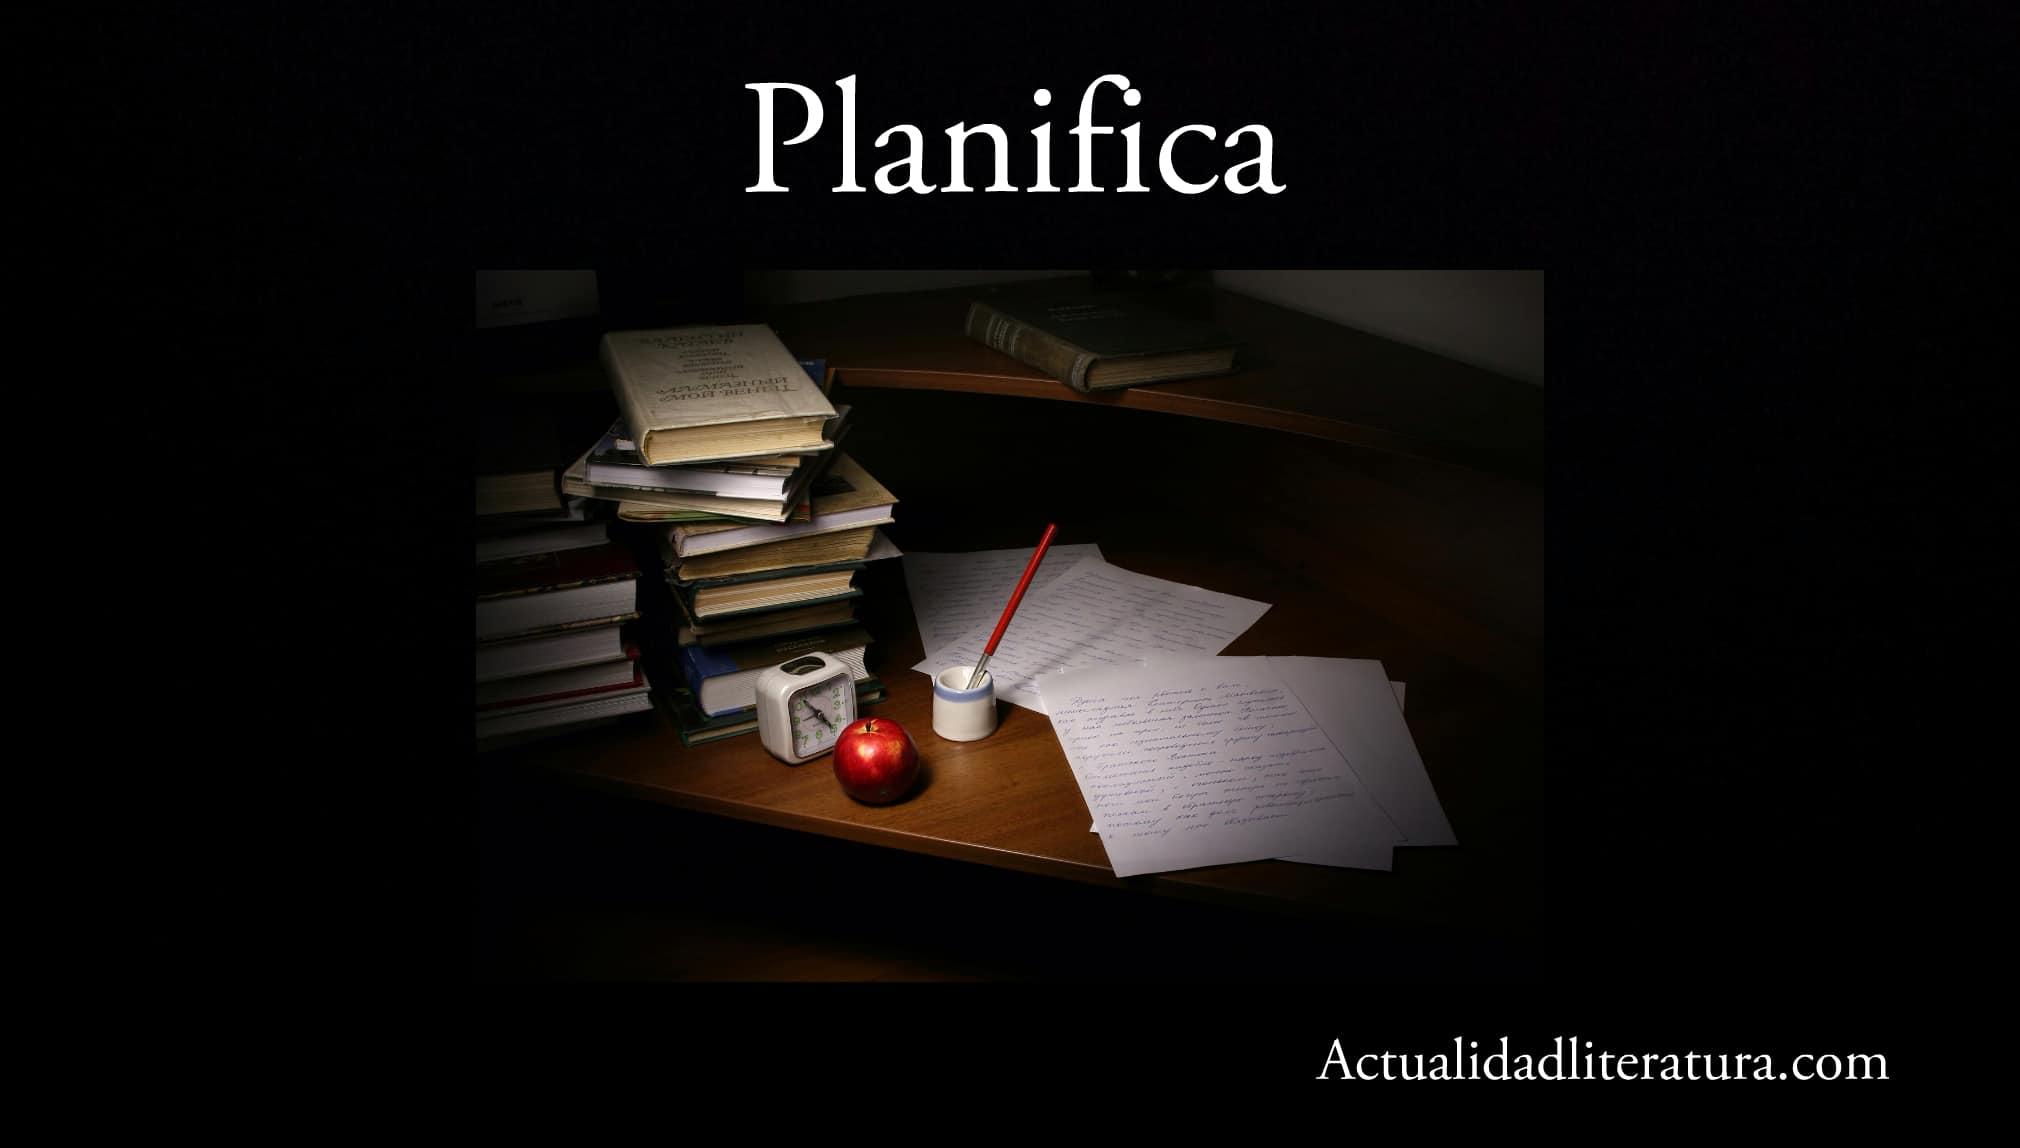 Planifica.